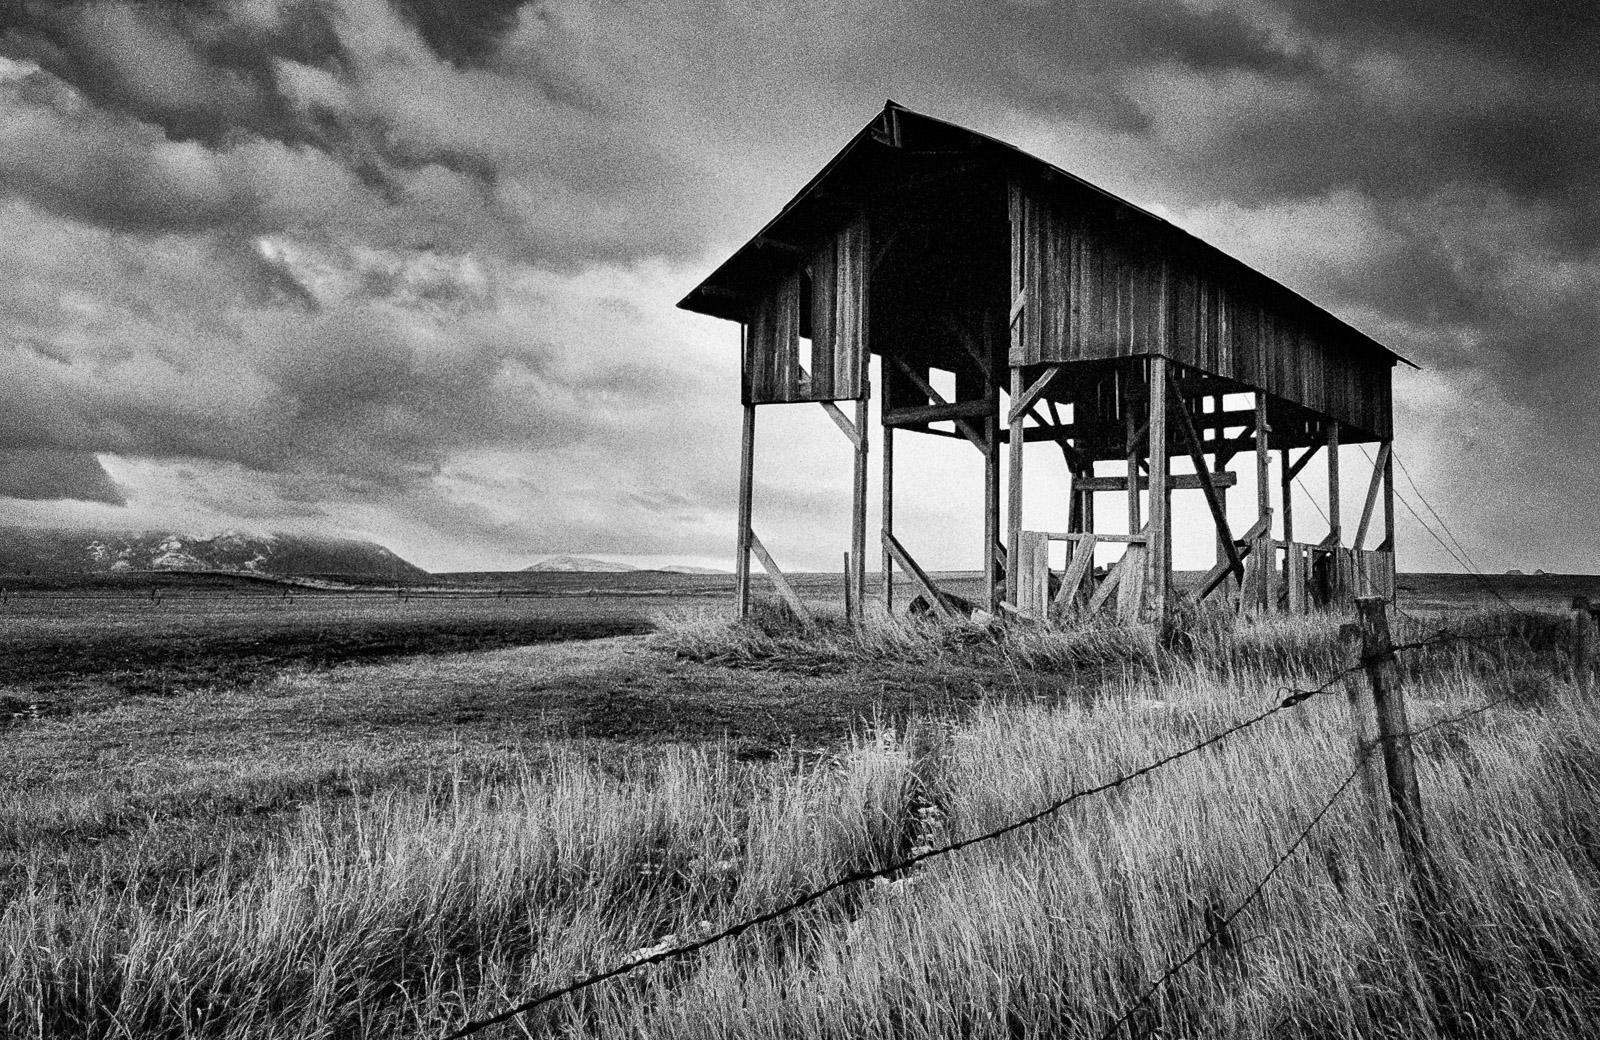 Skeleton black and white landscape by matt mikulla